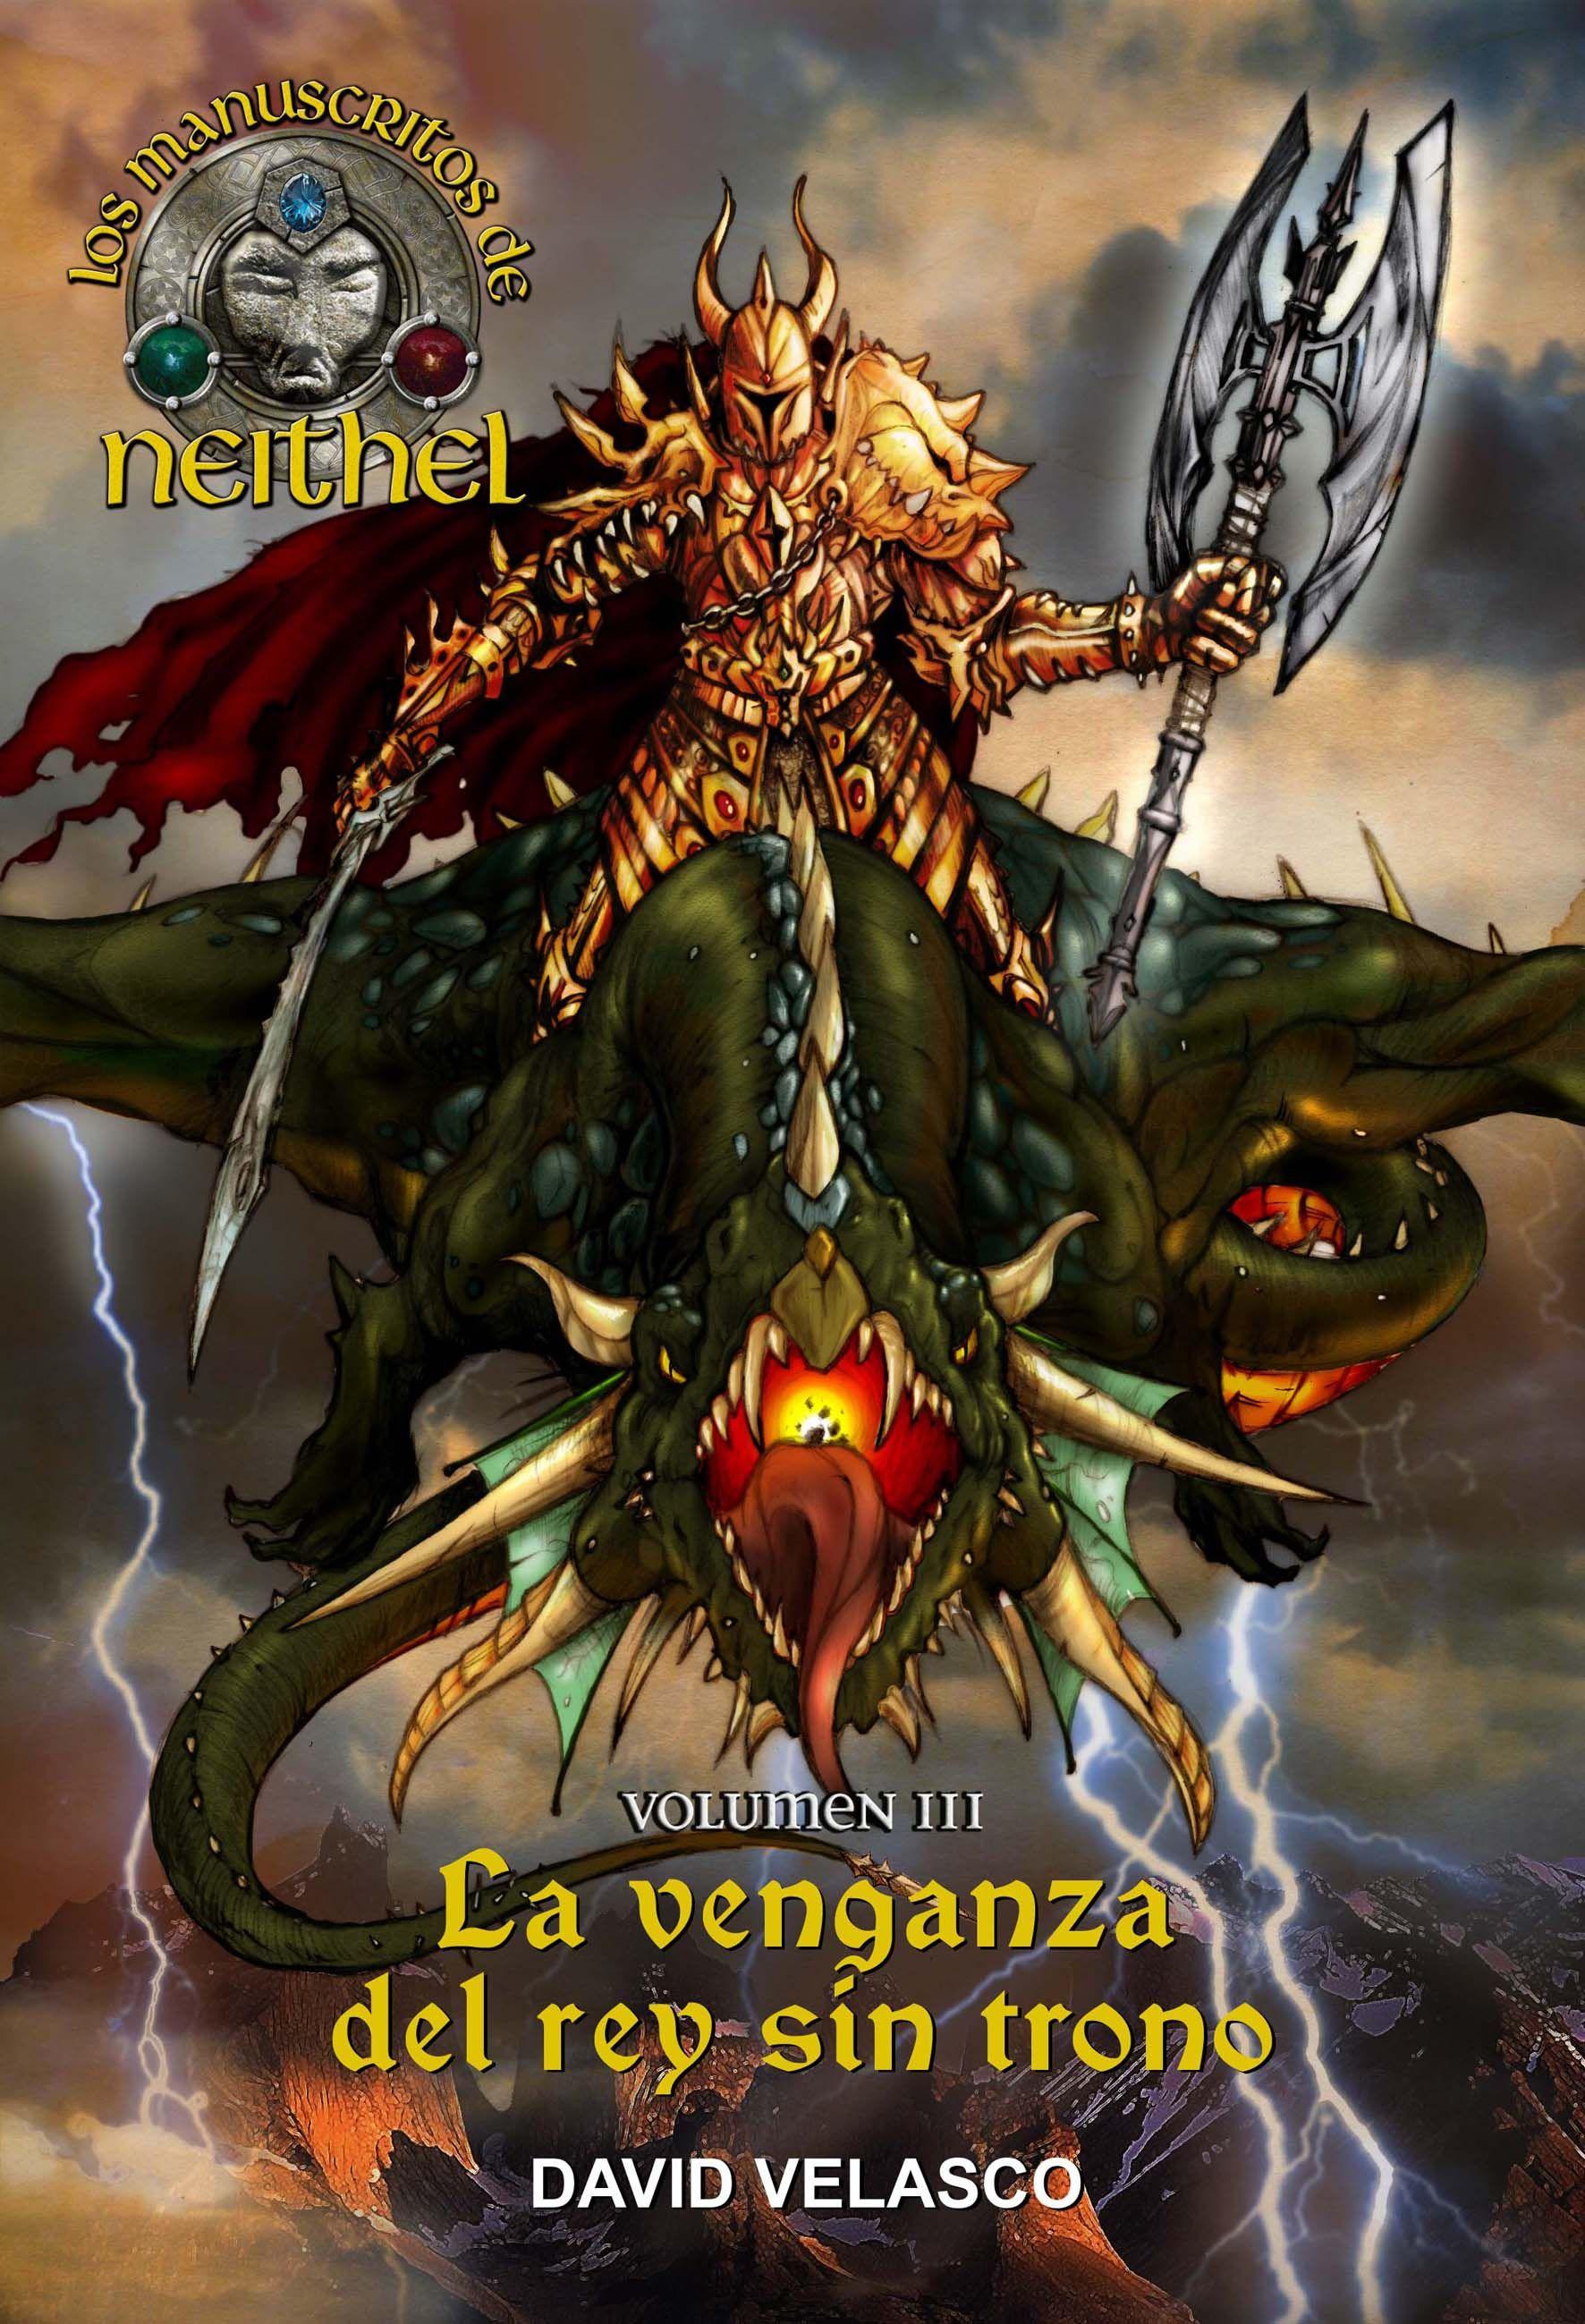 Portada de 'Los Manuscritos de Neithel III. La venganza del rey sin trono'. http://www.david-velasco.net/los-manuscritos-neithel-volumen-3/